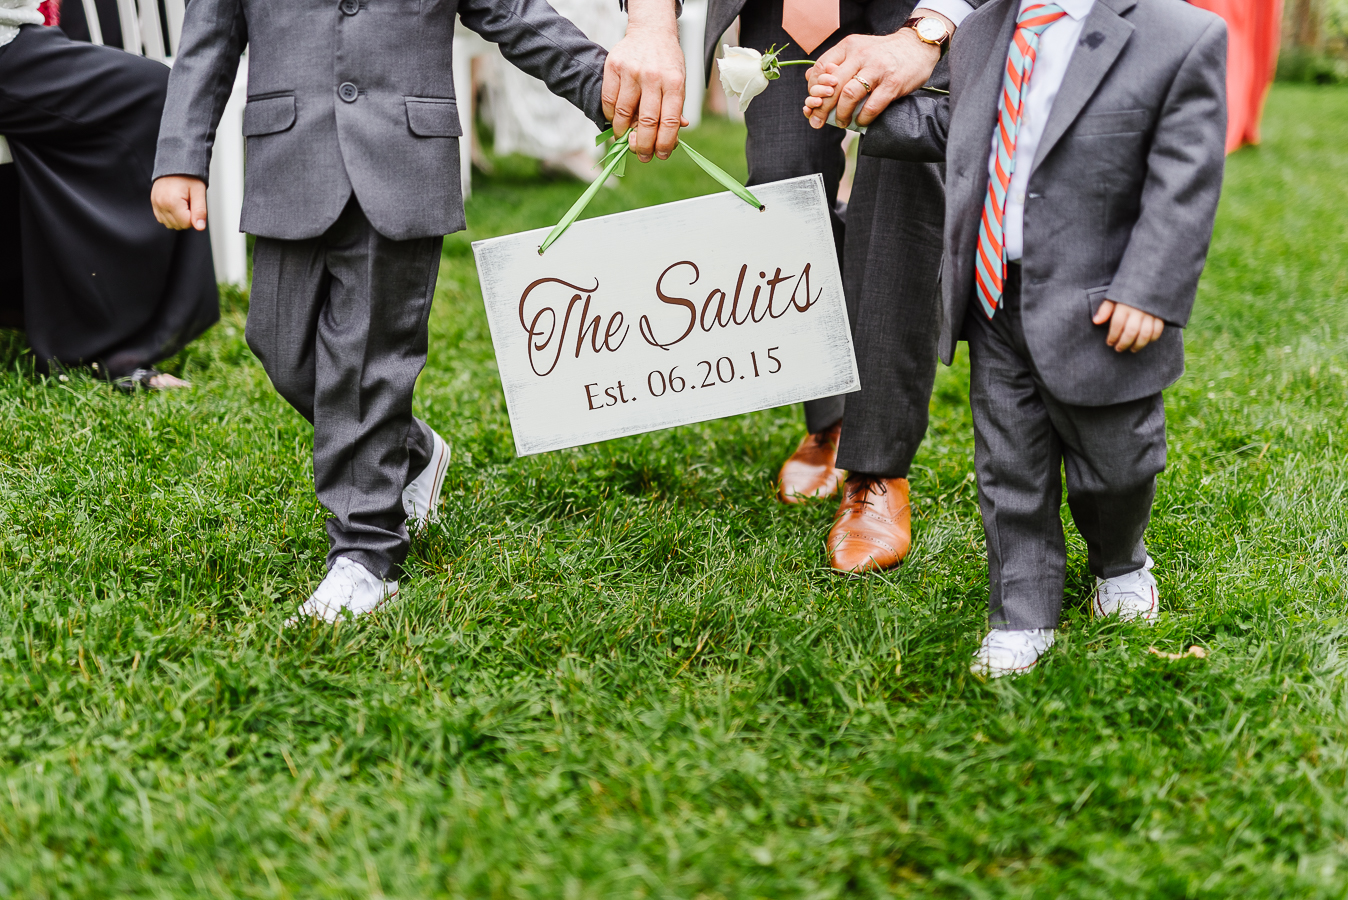 Stylish Crossed Keys Inn Wedding Crossed Keys Wedding Crossed Keys Inn Andover NJ Longbrook Photography-51.jpg